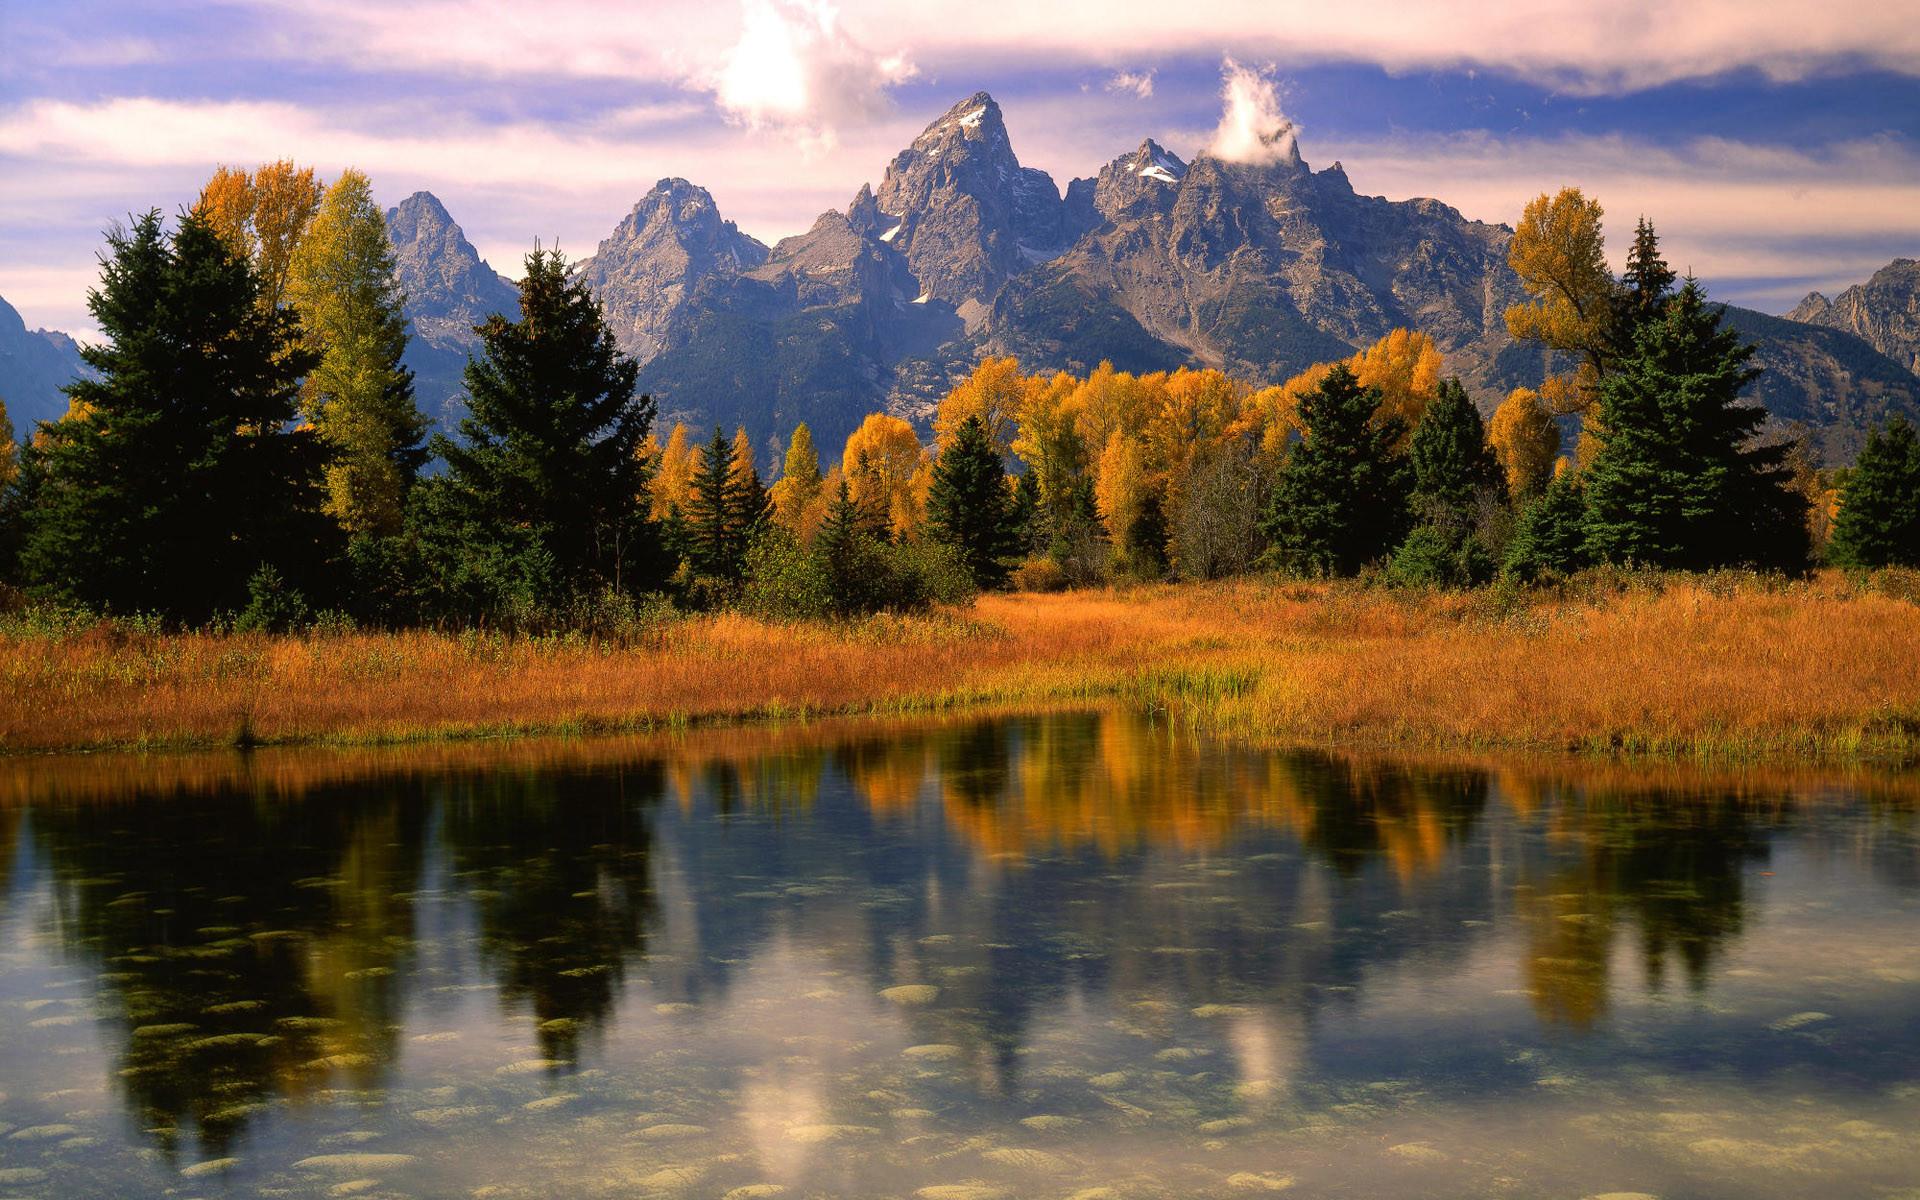 Warmth preview autumn mountains wallpapers desctopwalls desktop.